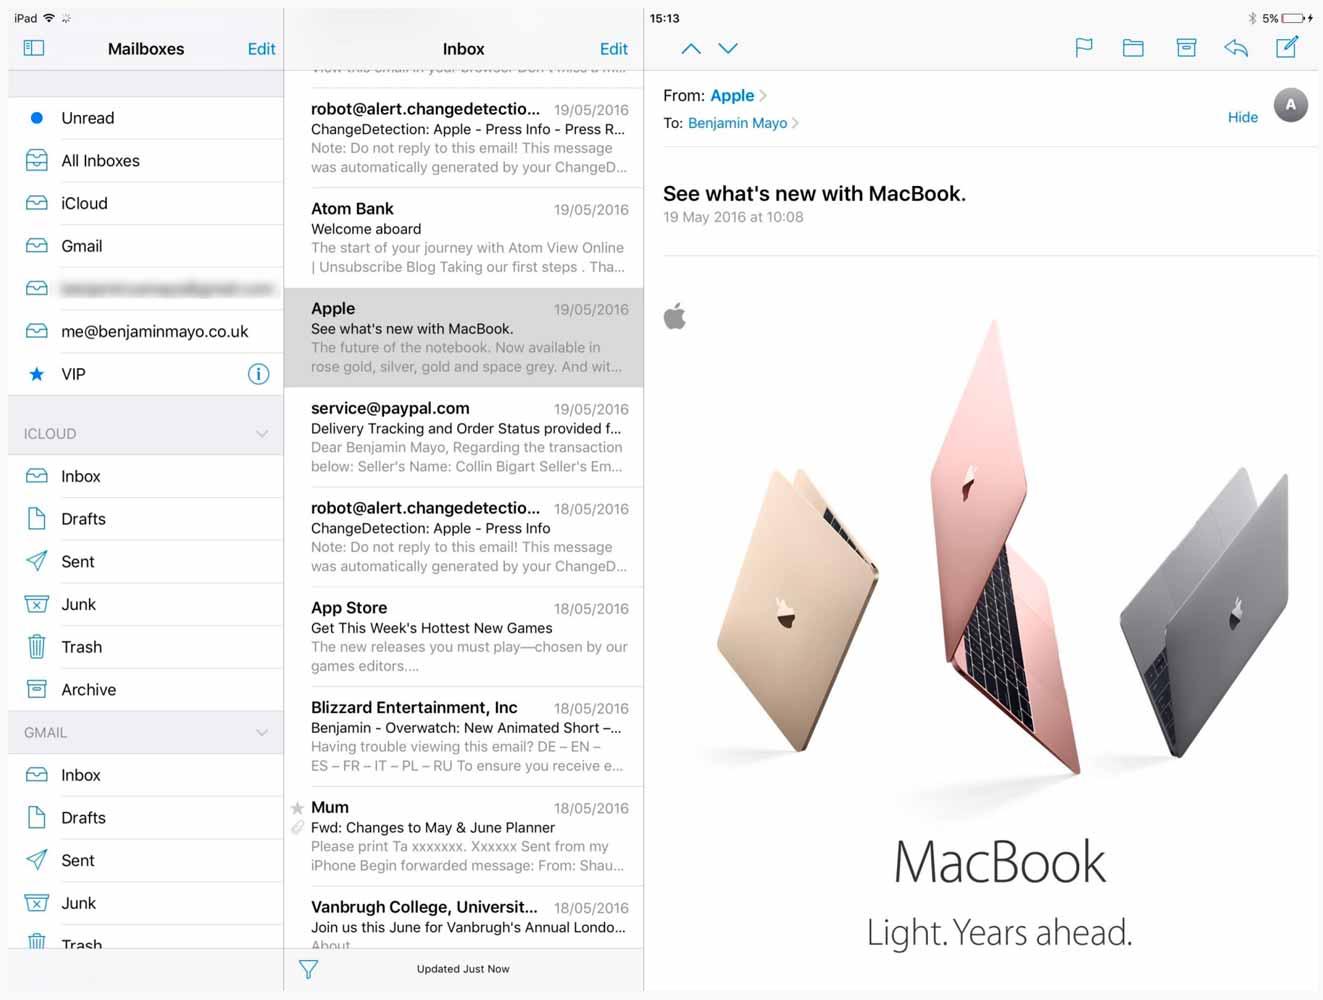 「iOS 10」では「12.9インチiPad Pro」のみメールやメモアプリで3ペインビューを追加